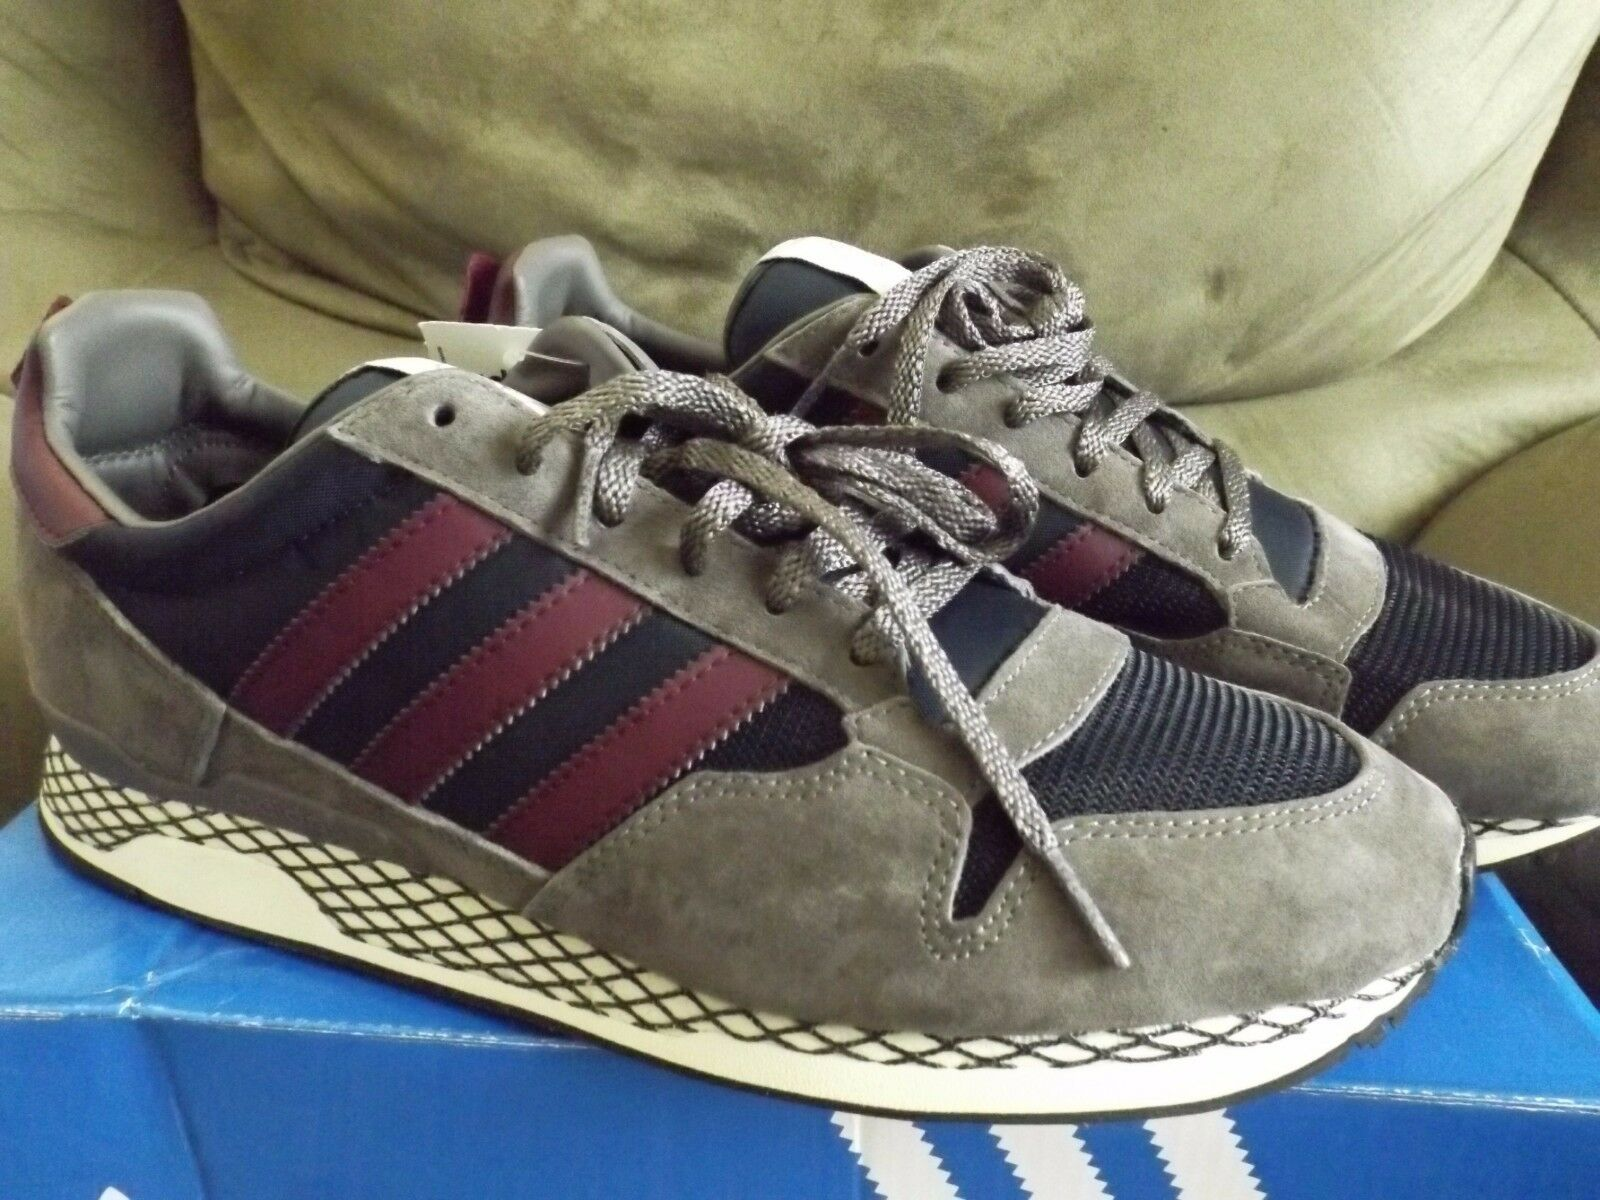 Adidas zxz avanzata 84 supcol laboratorio originali uomini scarpe supcol 84 / amared / lbone m25795 (nuovo) 921556